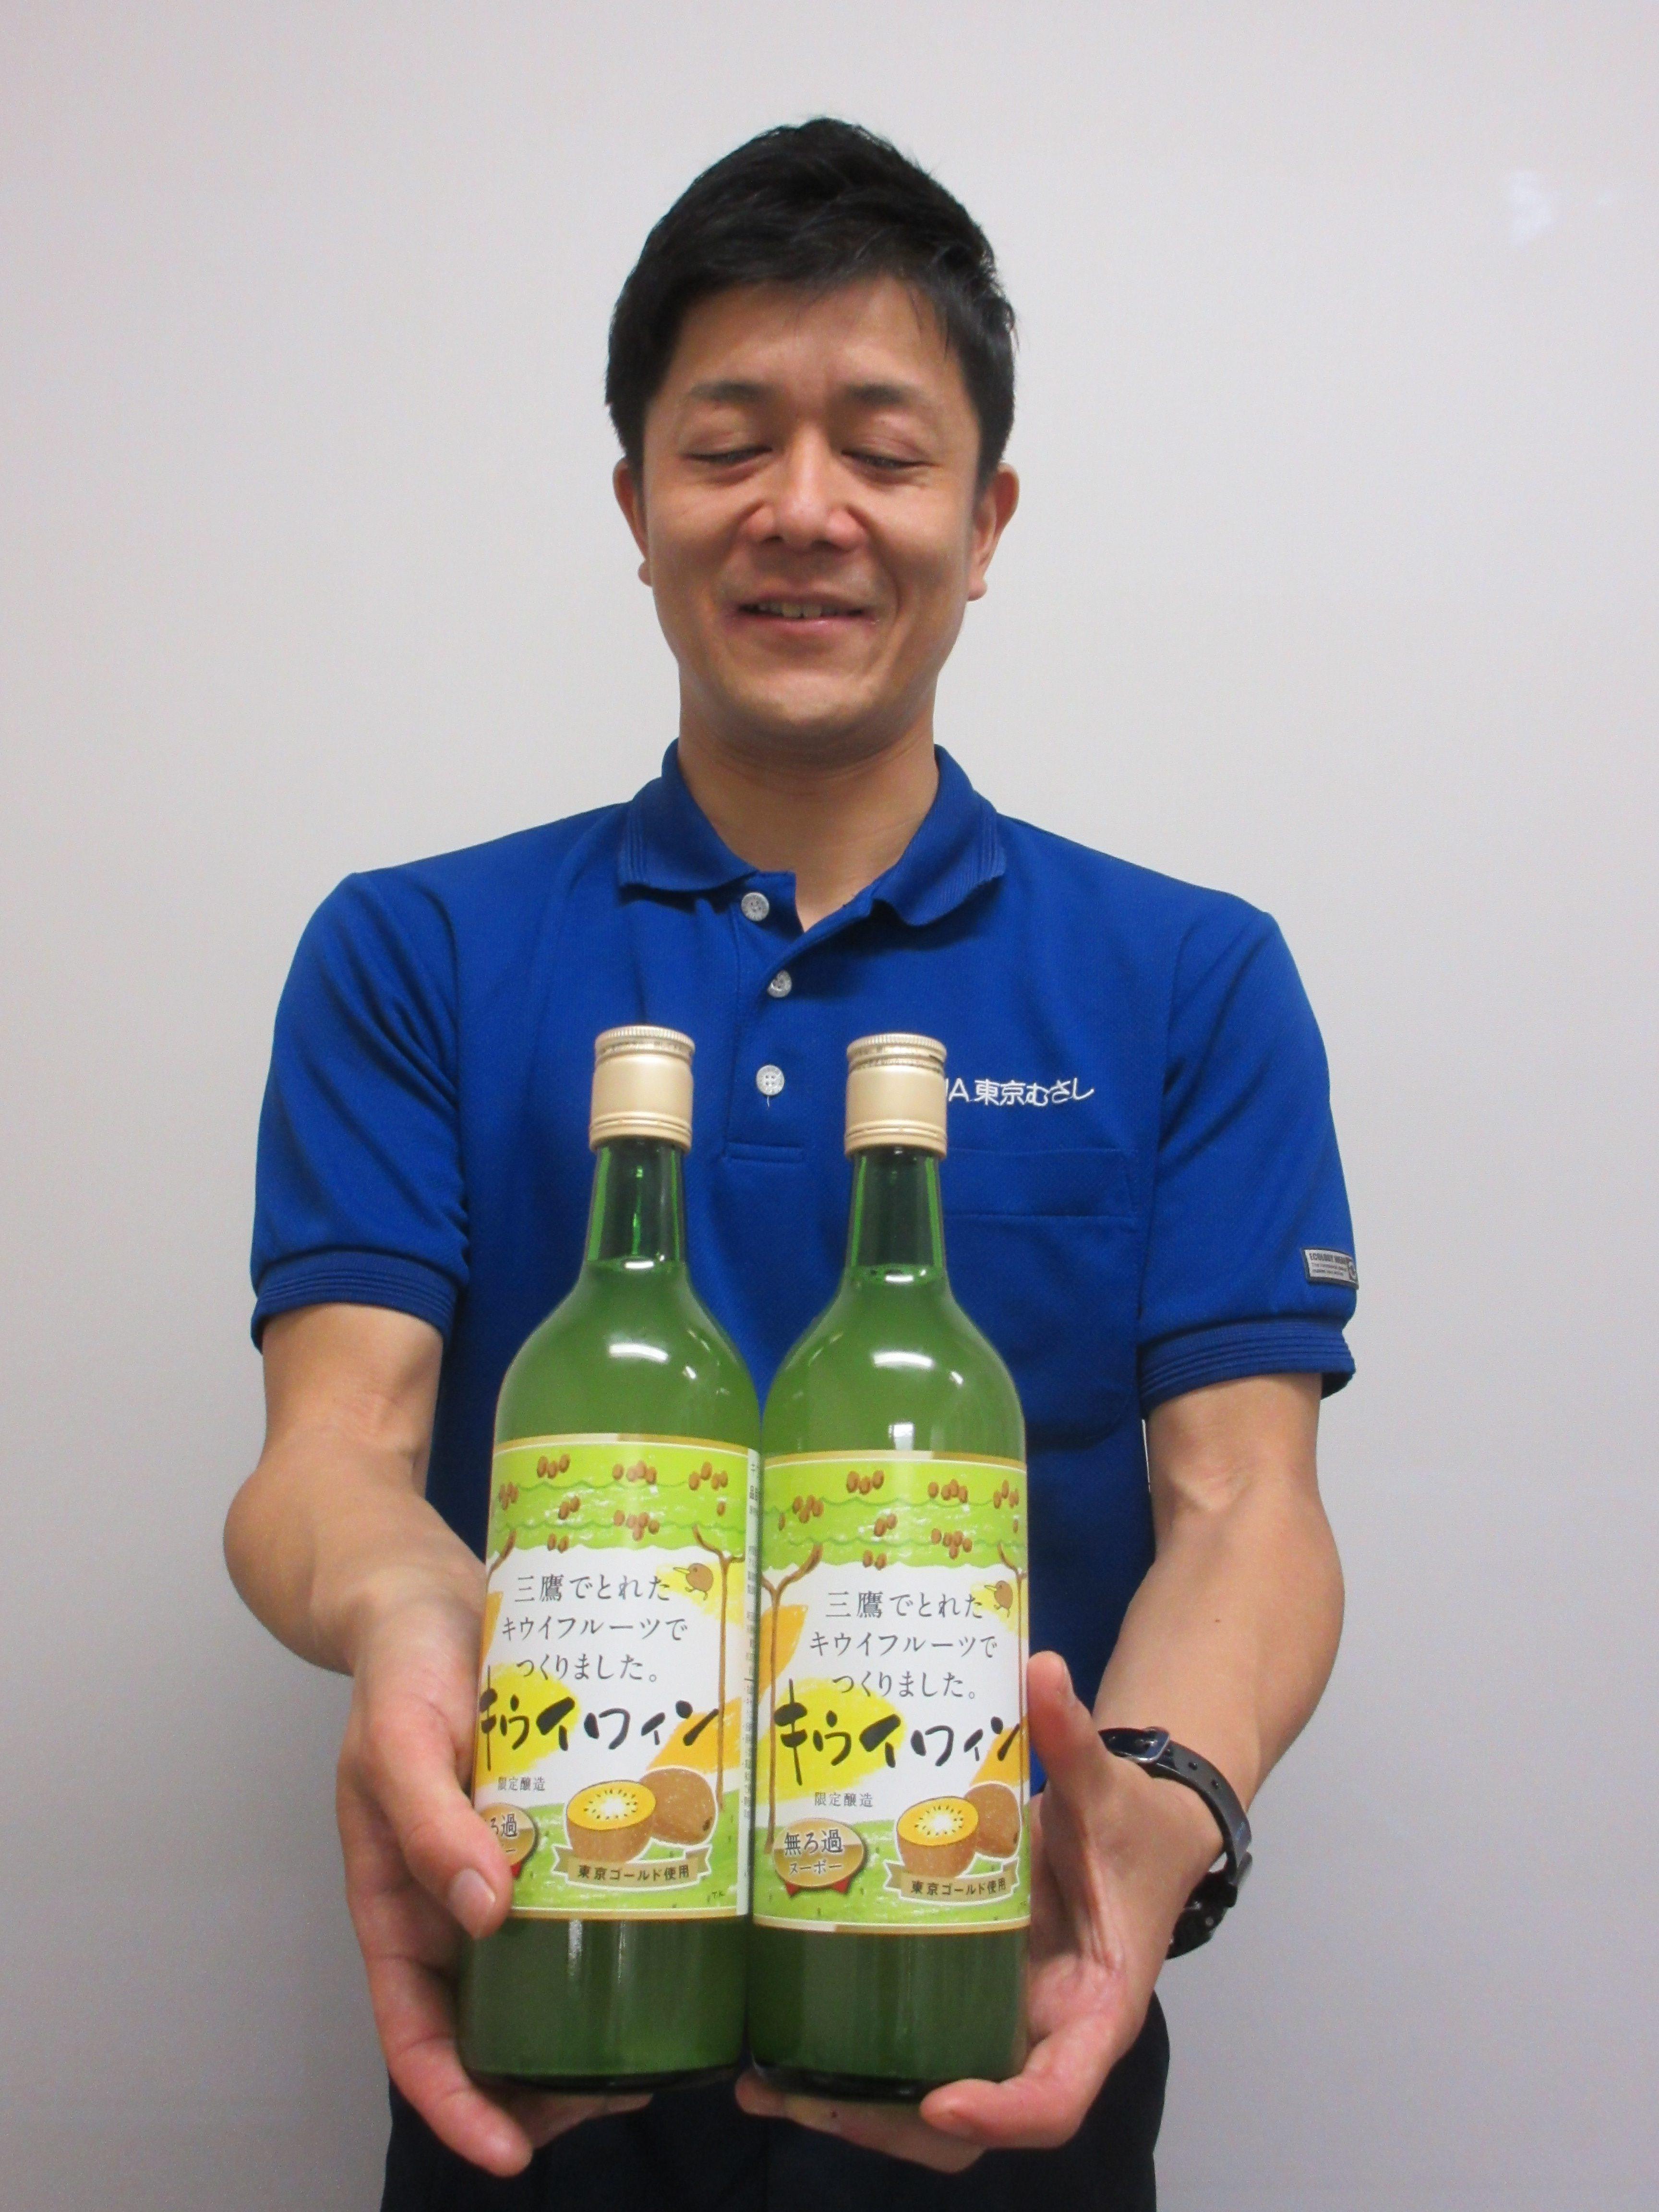 東京むさし・0315・三鷹市で30年以上続く特産品キウイワインを東京ゴールドを使ってリニューアル